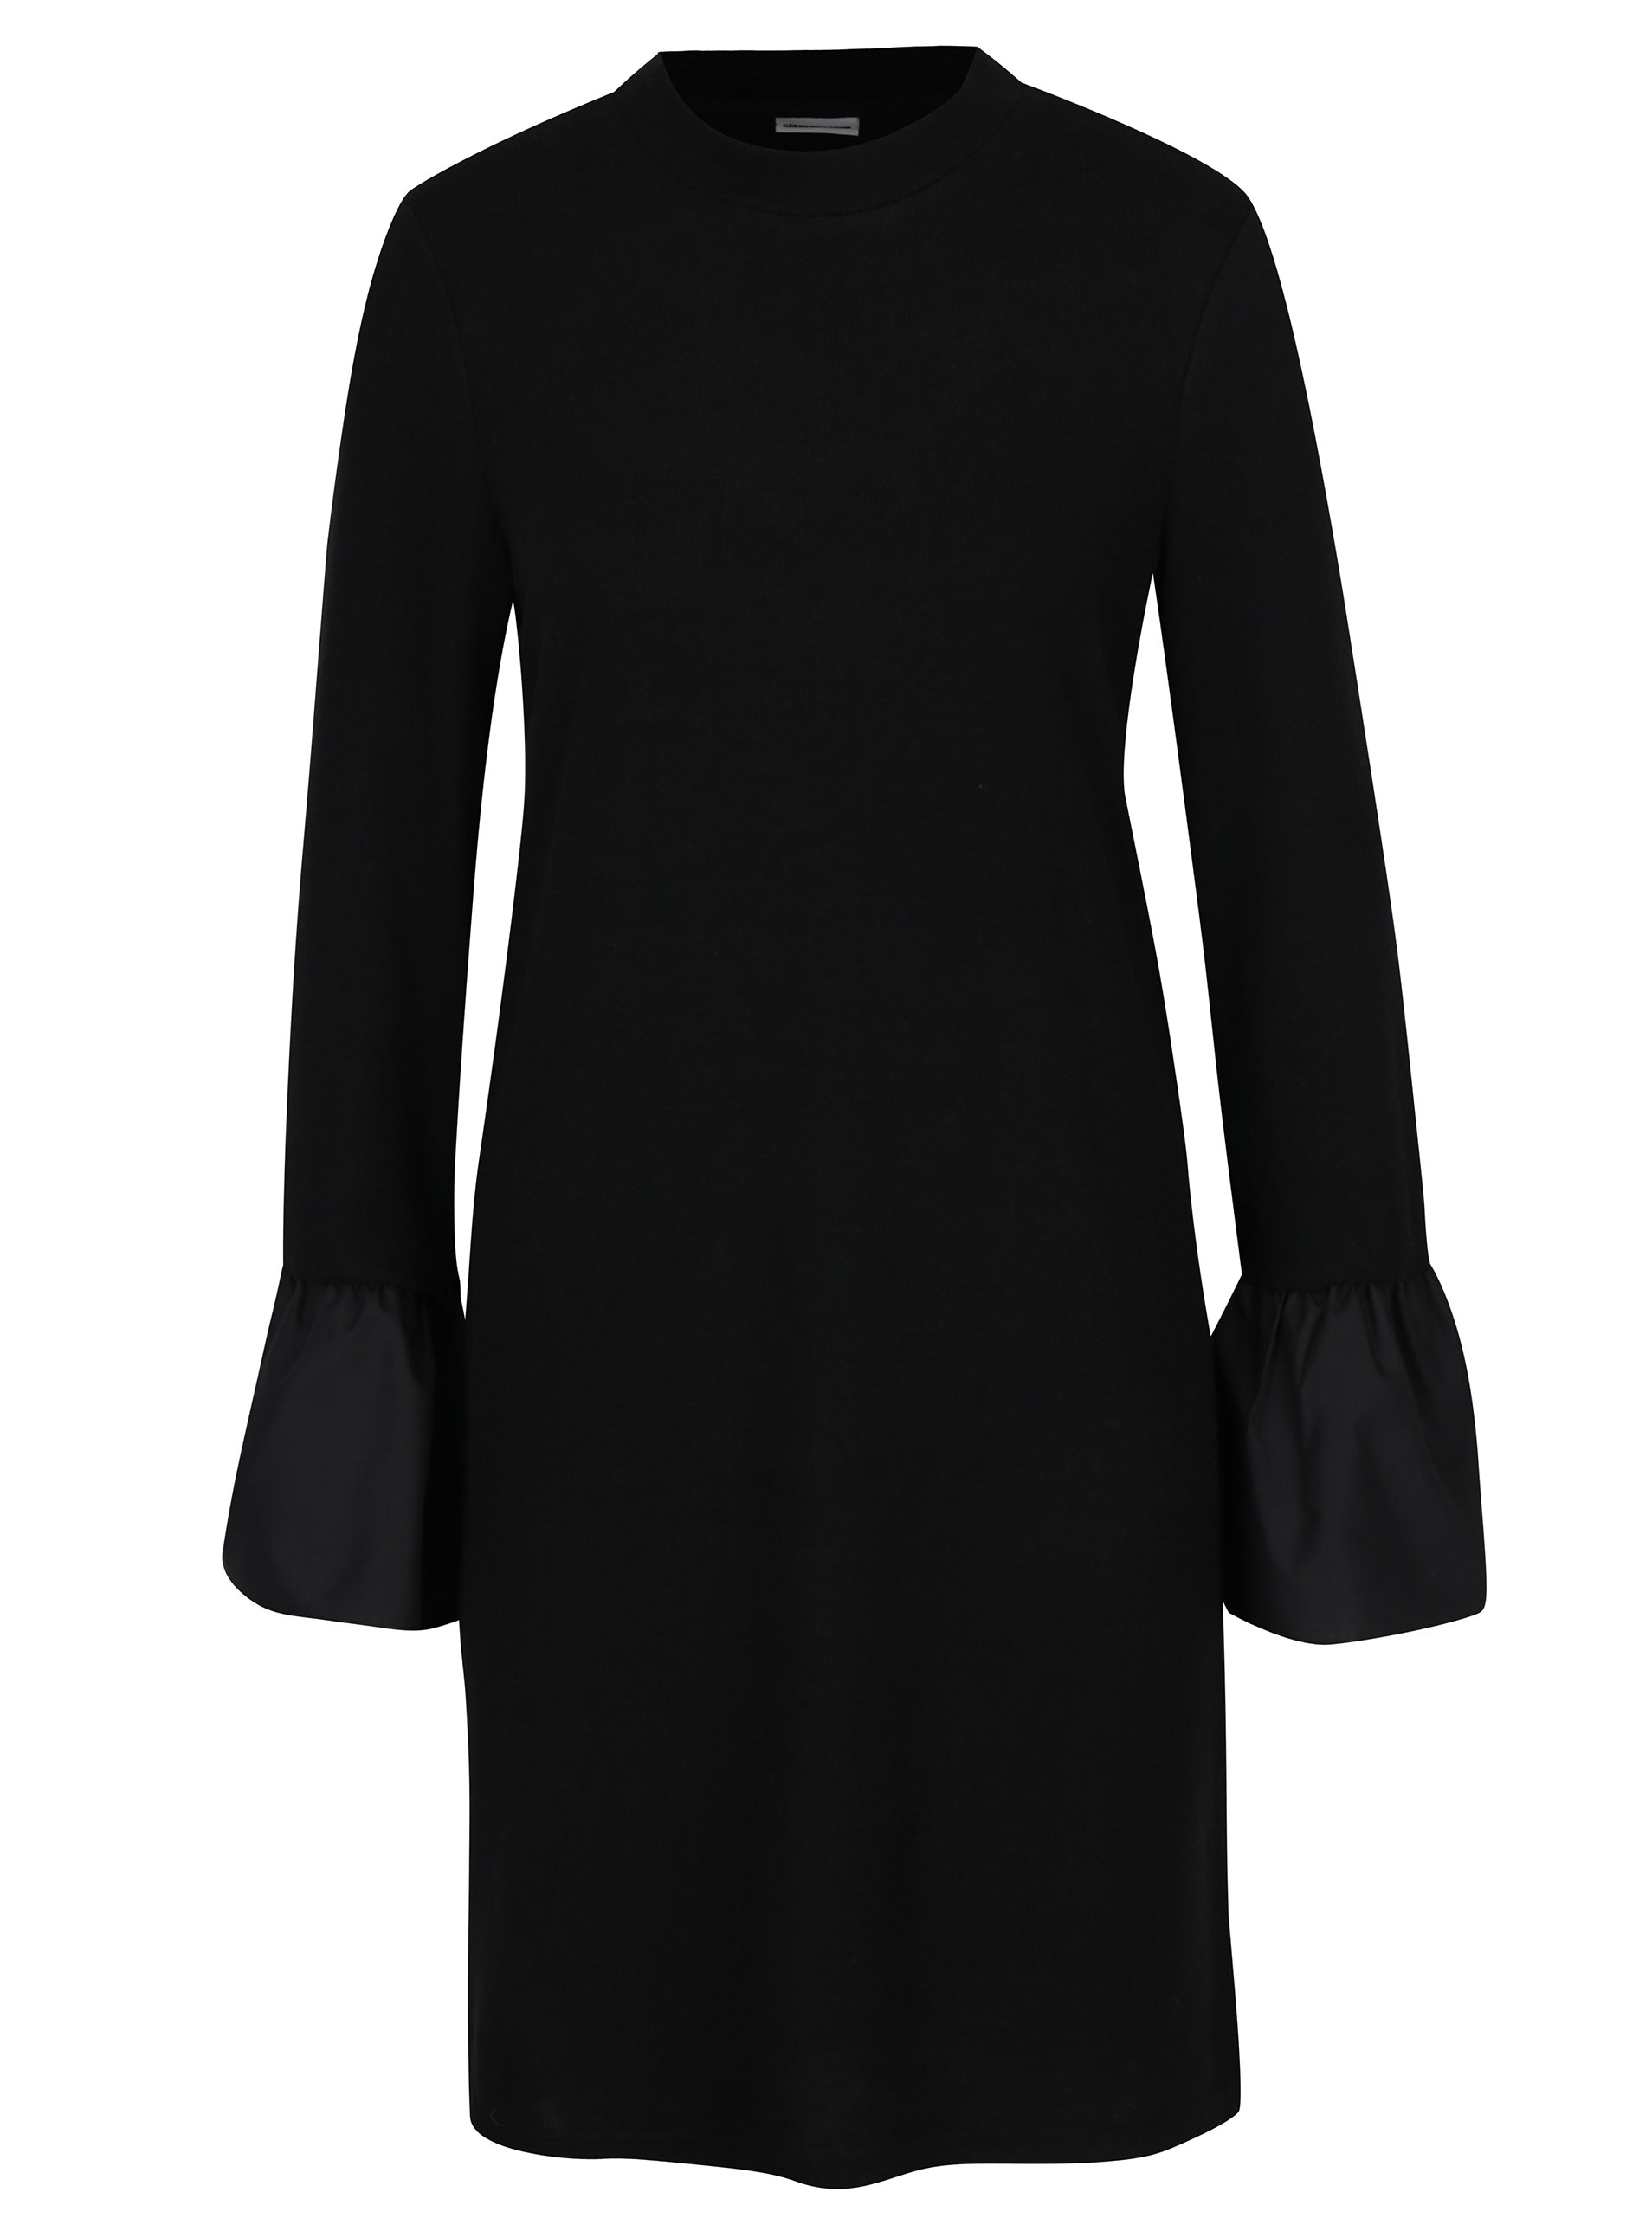 7f1527781d Čierne svetrové šaty s dlhým zvonovým rukávom Noisy May Nadine ...